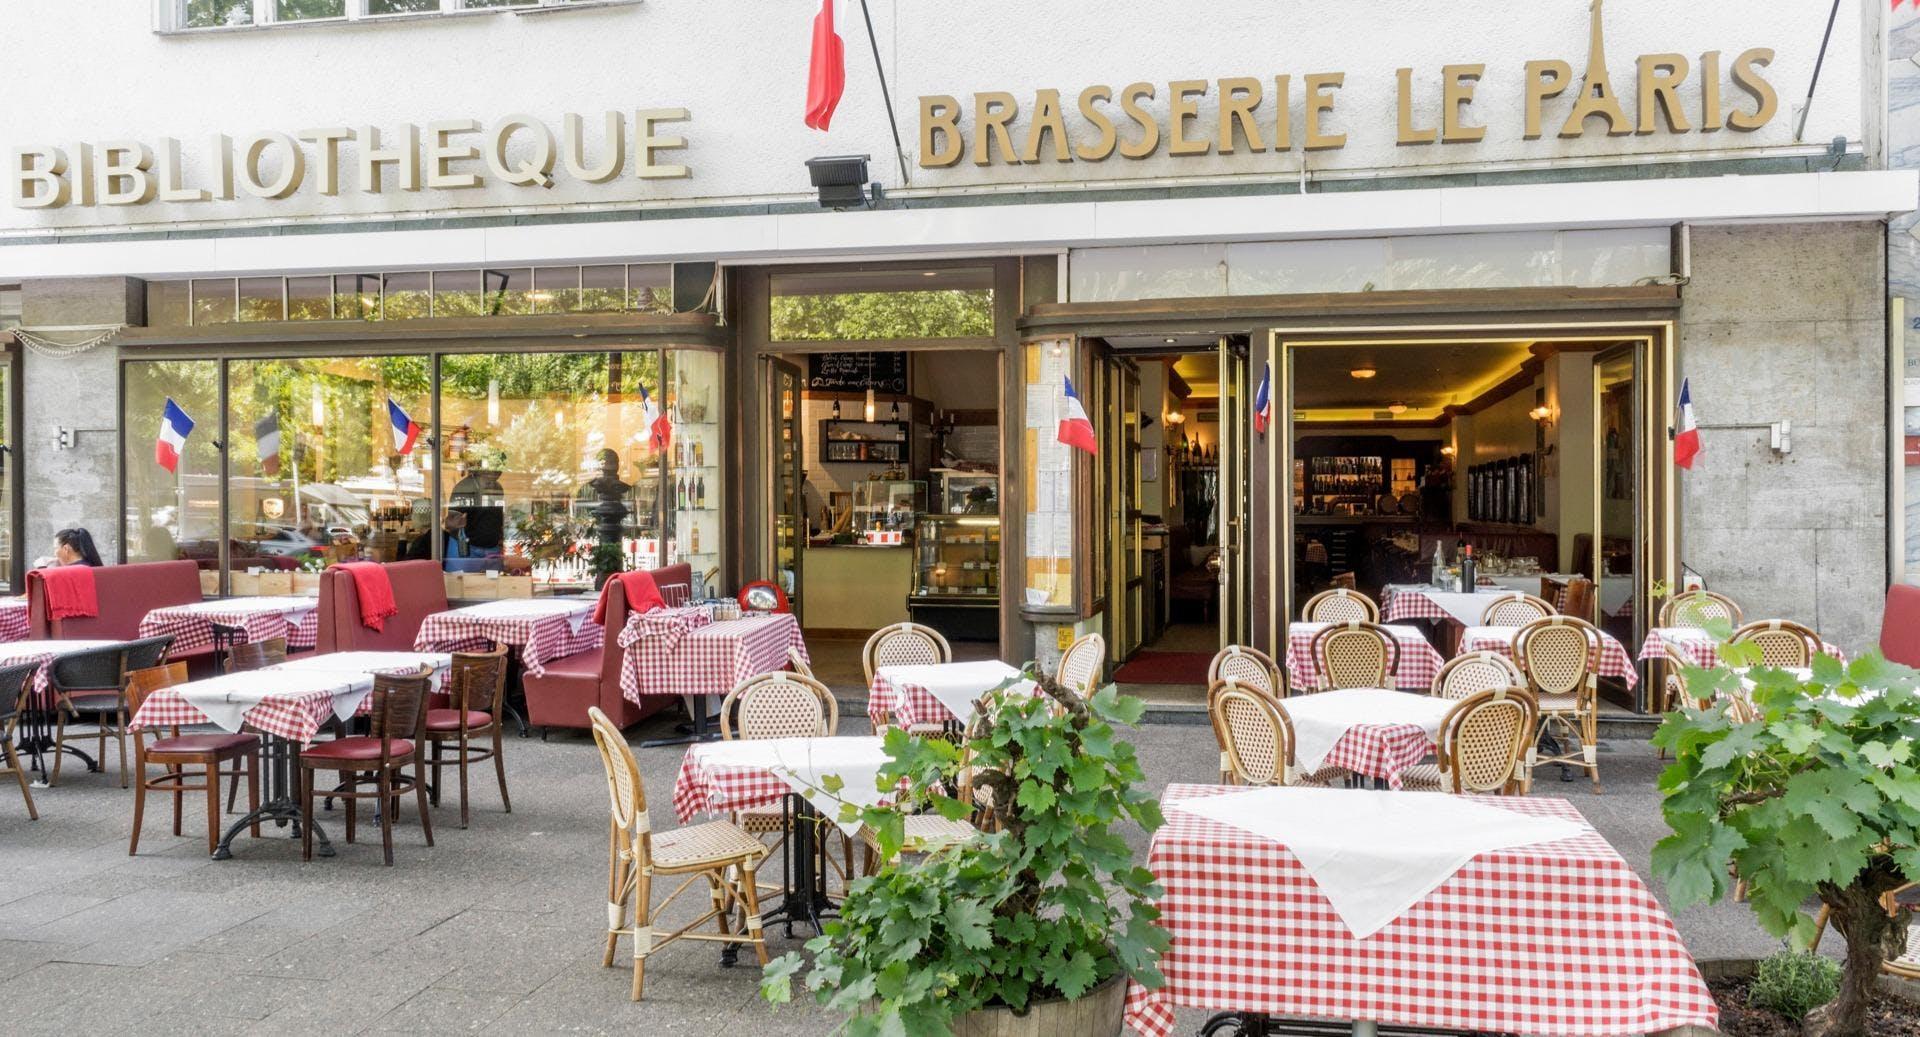 Brasserie Le Paris Berlin image 2